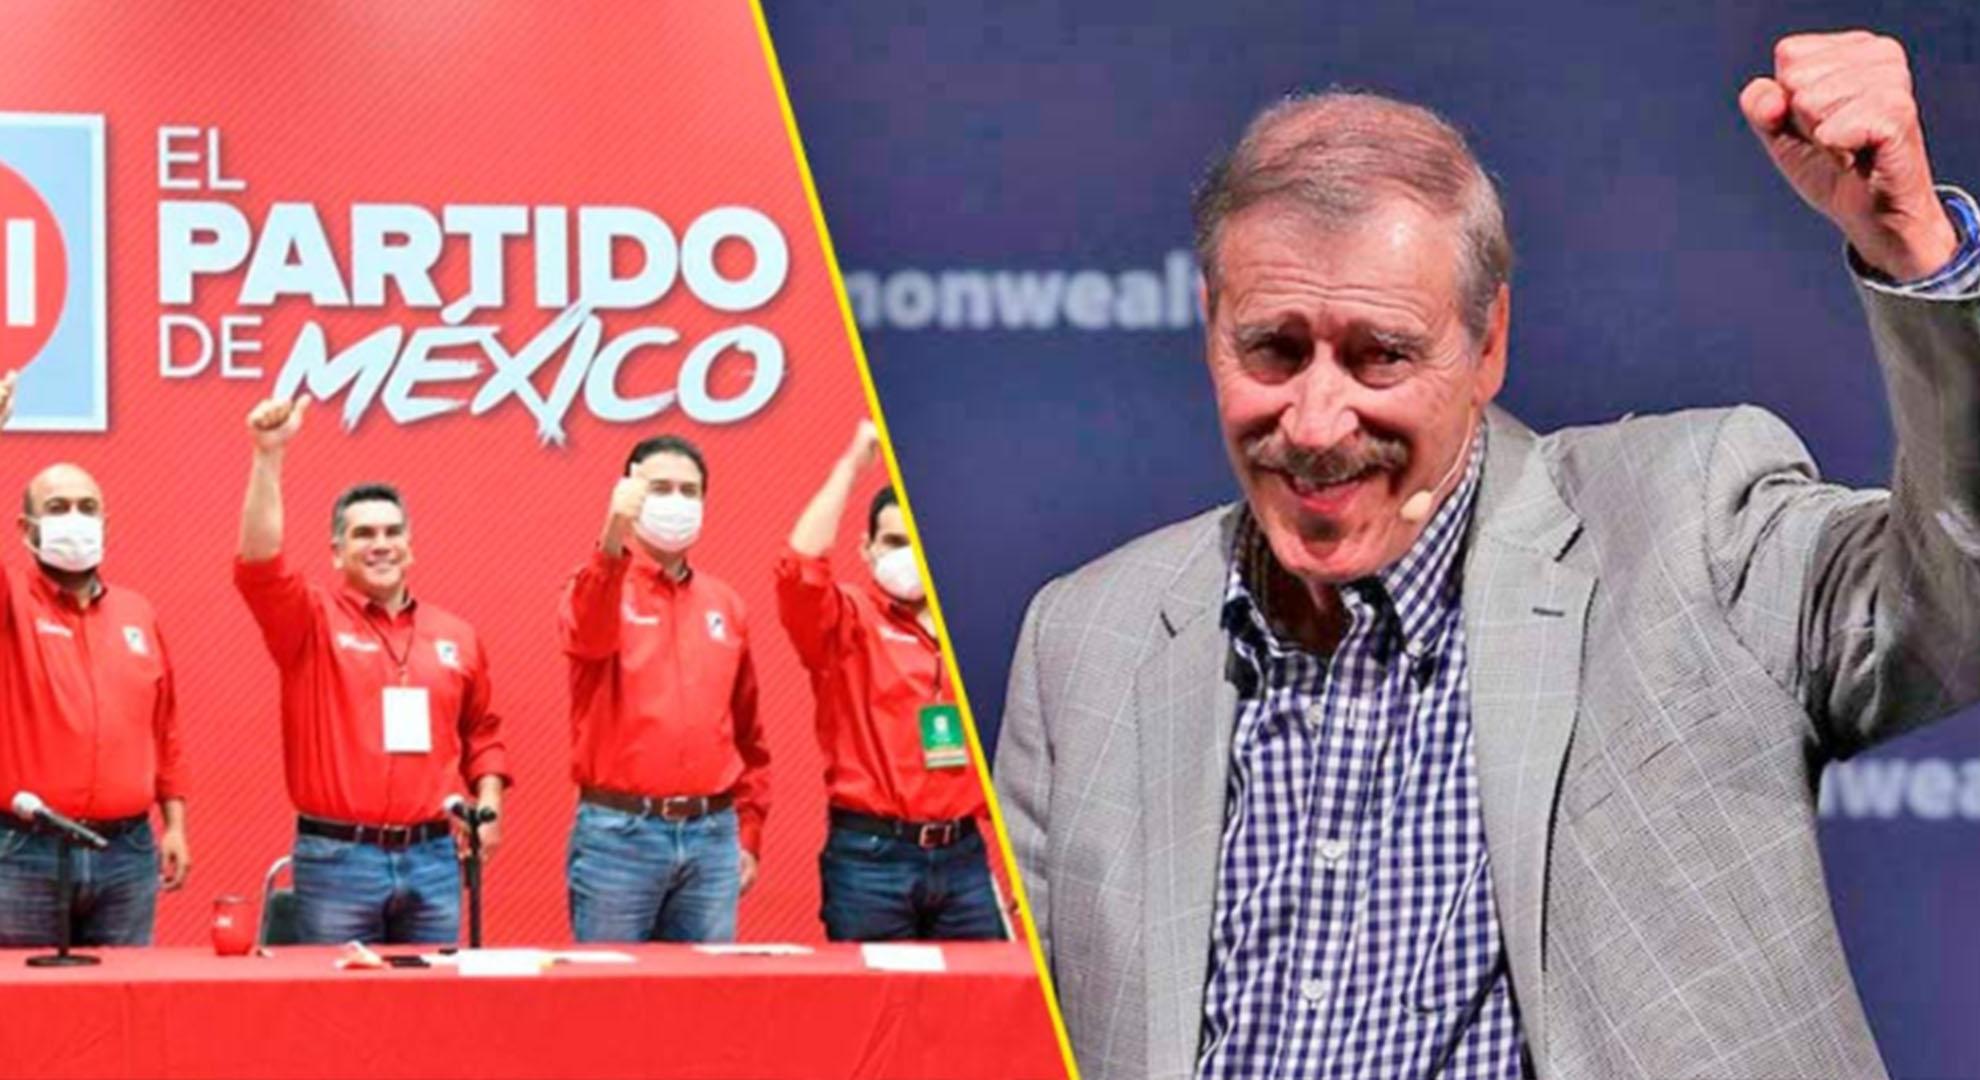 Vicente Fox celebra triunfo del PRI en elecciones de Hidalgo y Coahuila, y se burla de Morena